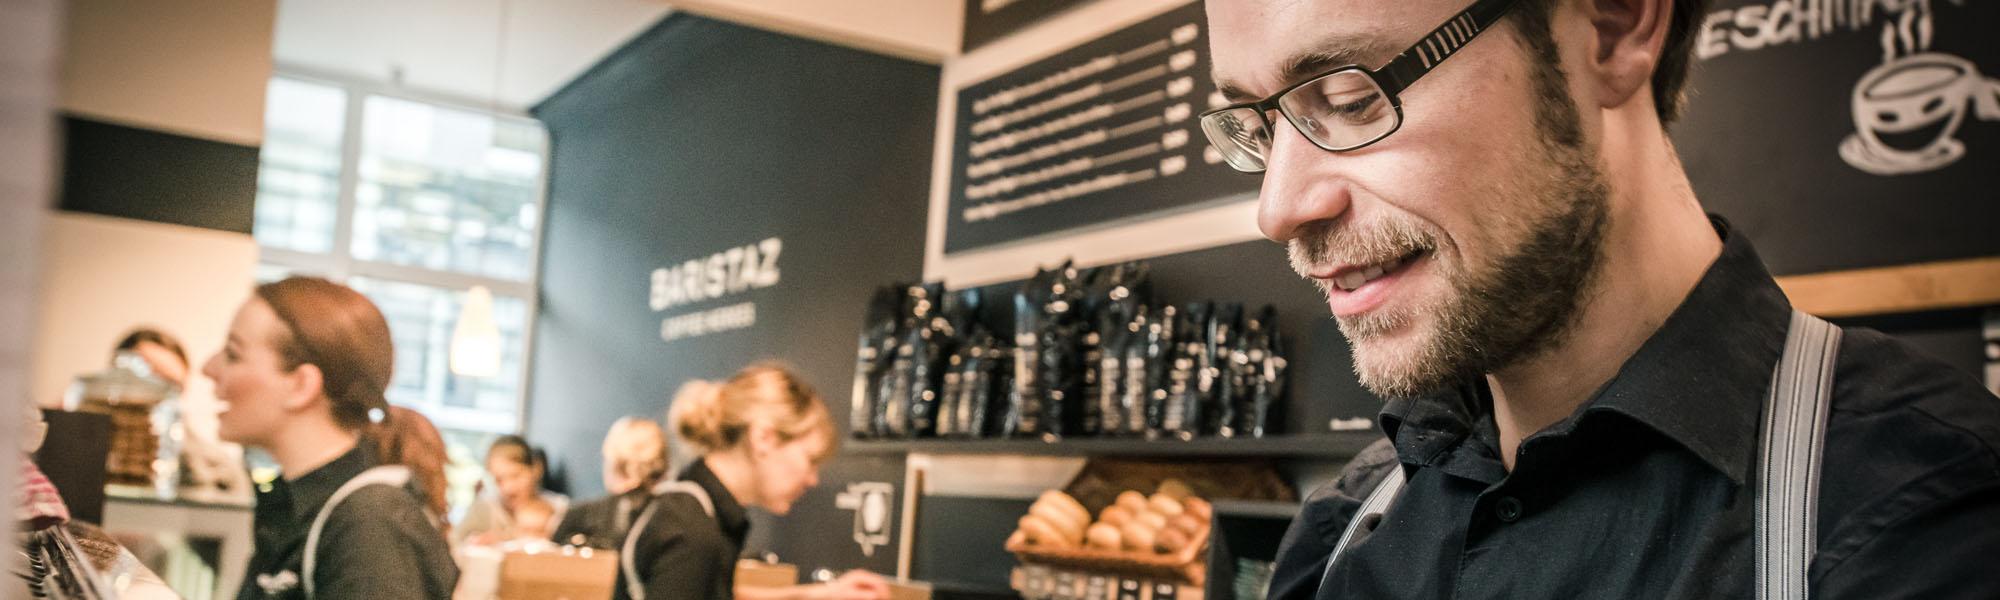 Mit Liebe zu gutem Essen und Leidenschaft für Spitzenkaffee verführen die Baristaz in Koblenz und Mainz eure Sinne.